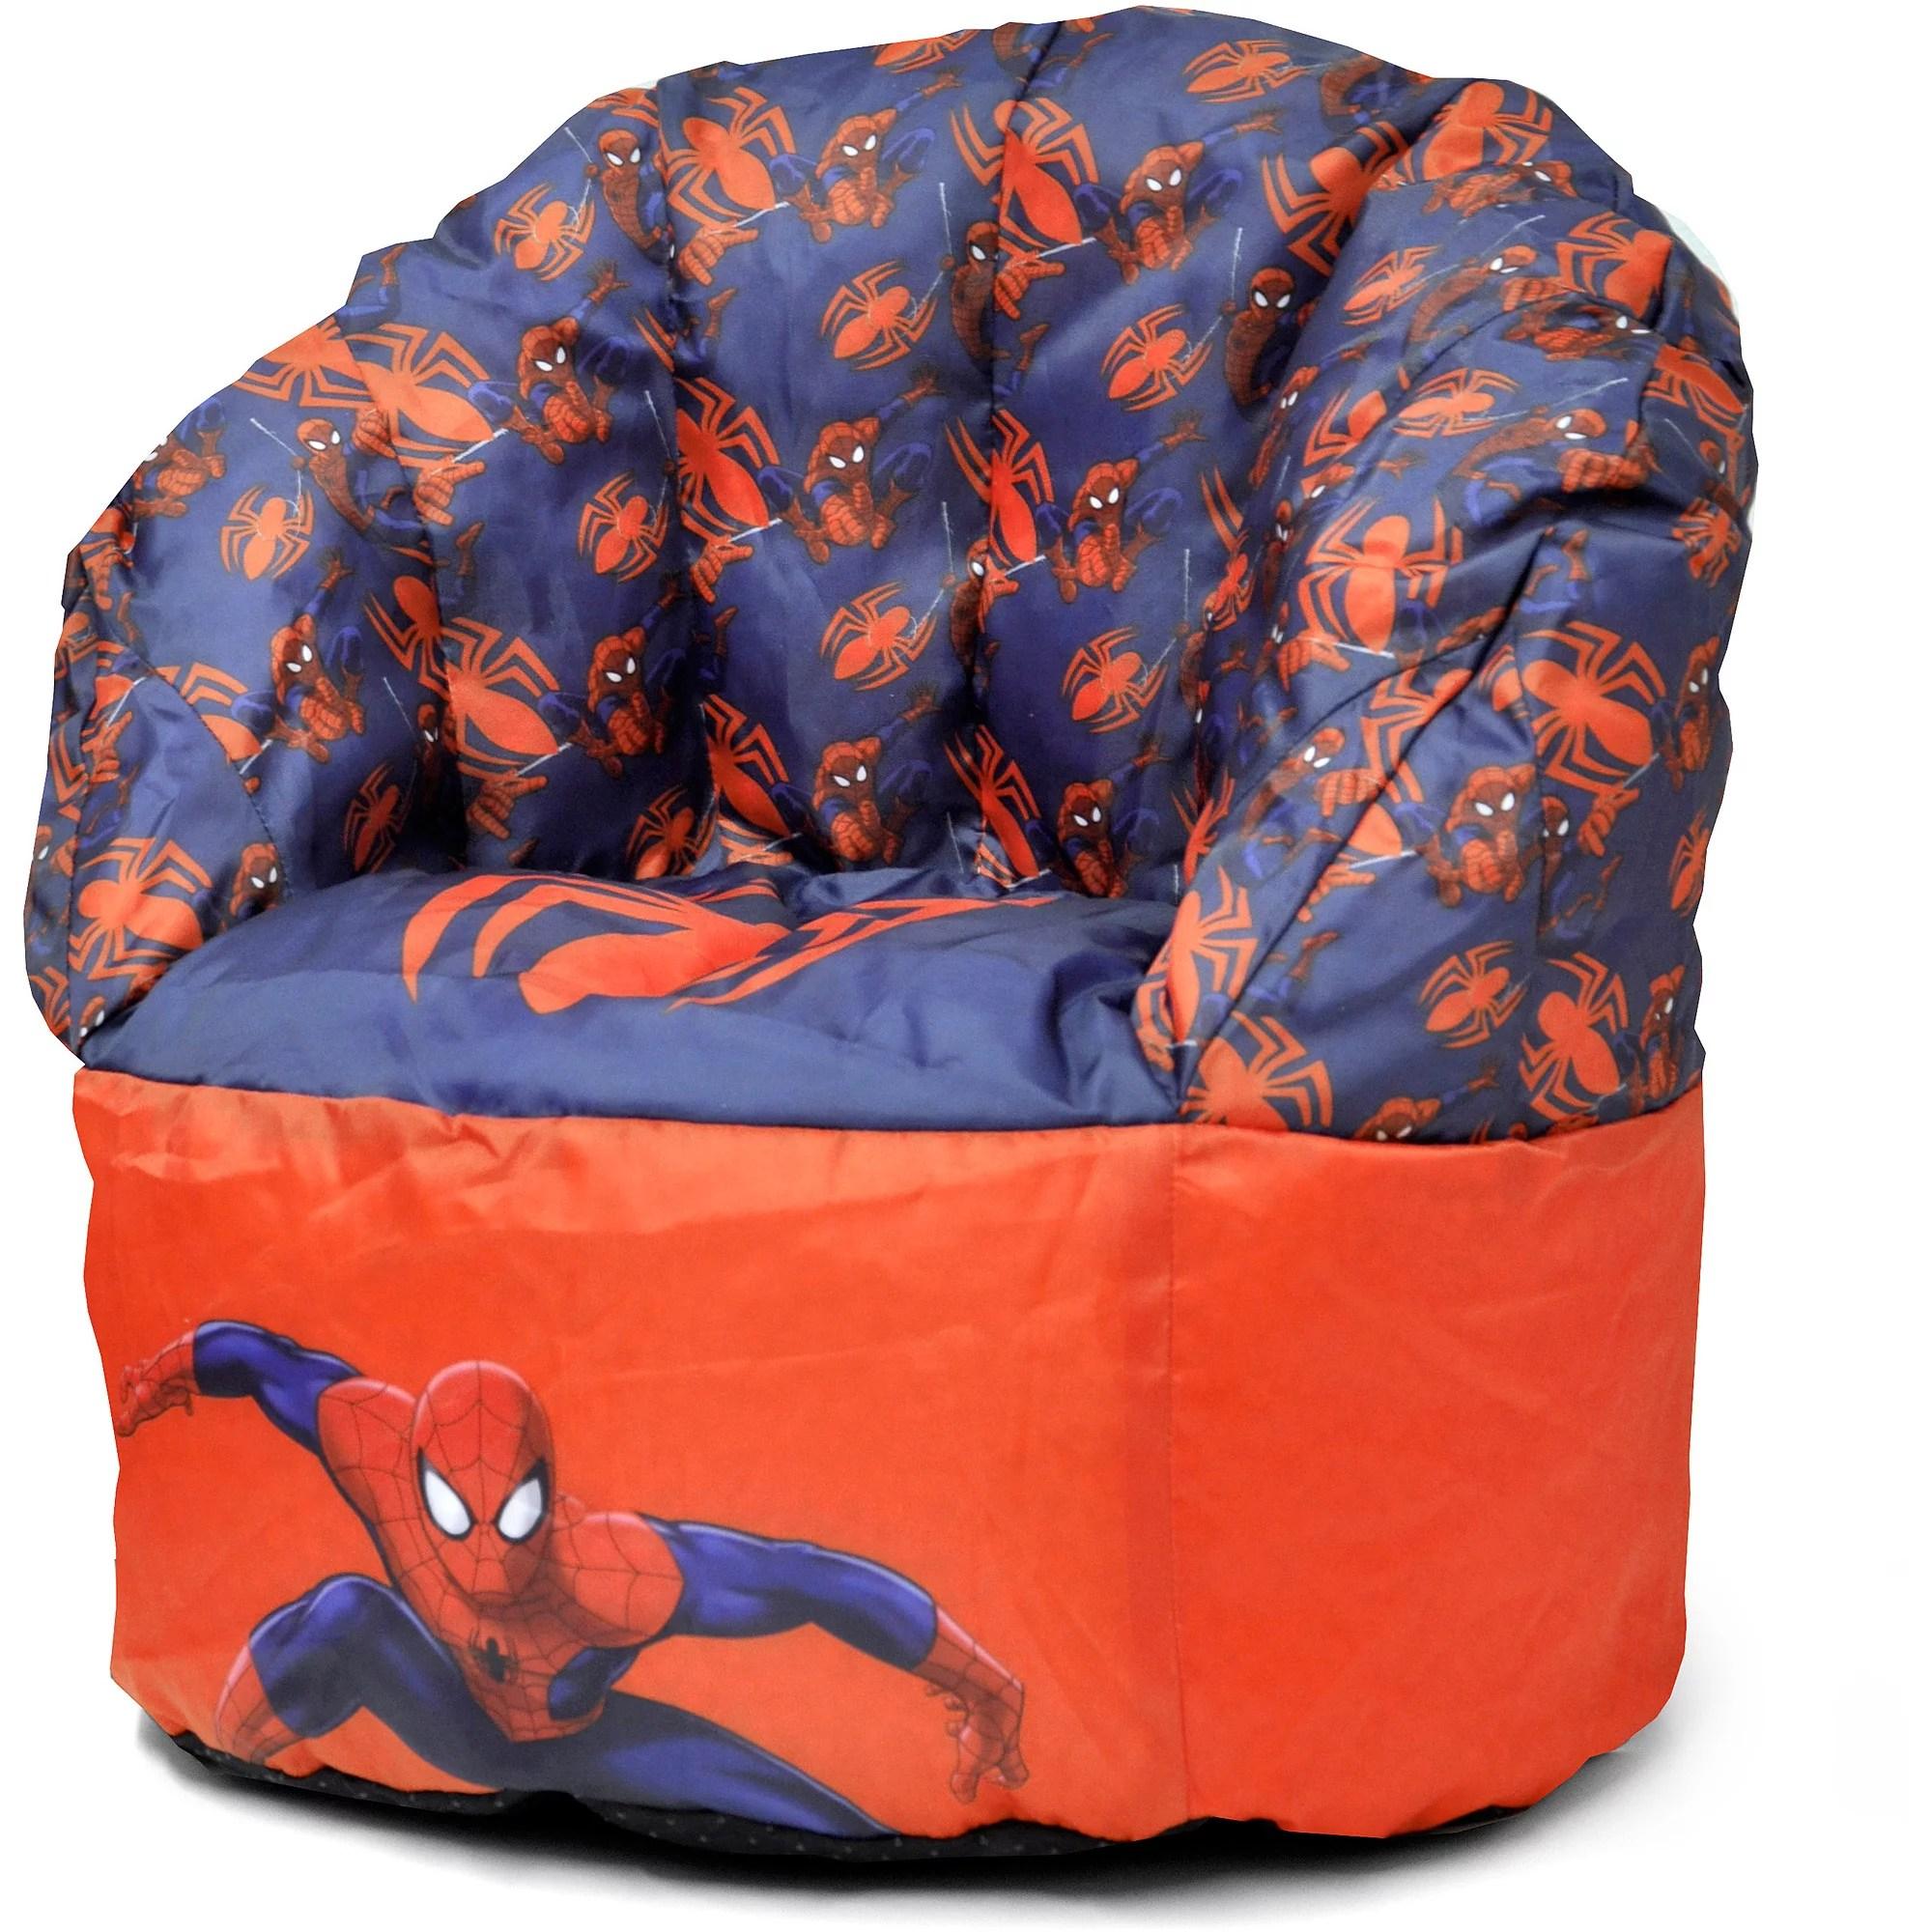 avengers bean bag chair tall office chairs uk marvel spider man walmart com